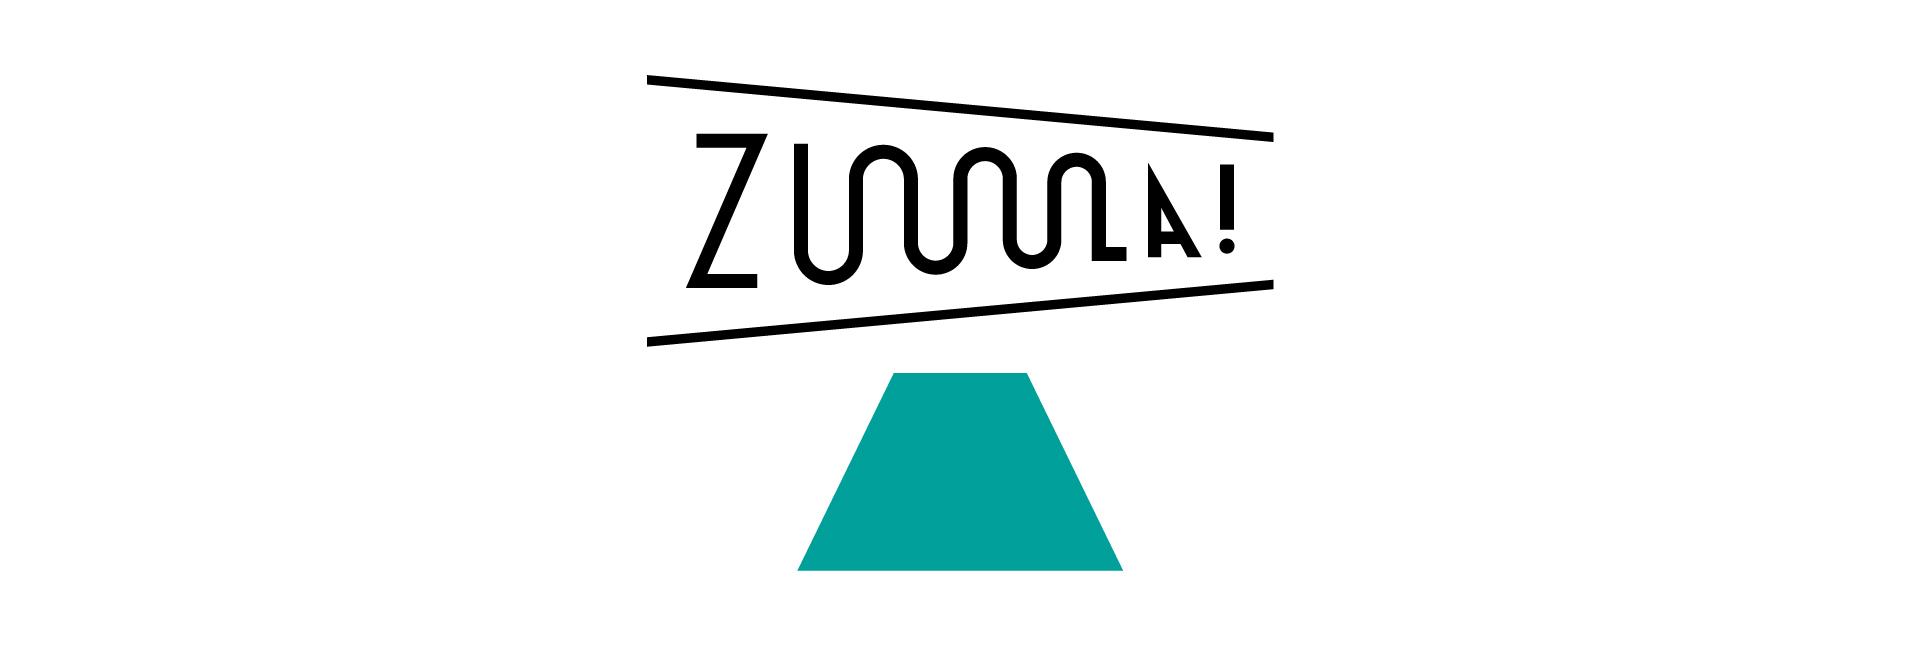 山梨のおいしいもの zuuula (ず〜ら!)